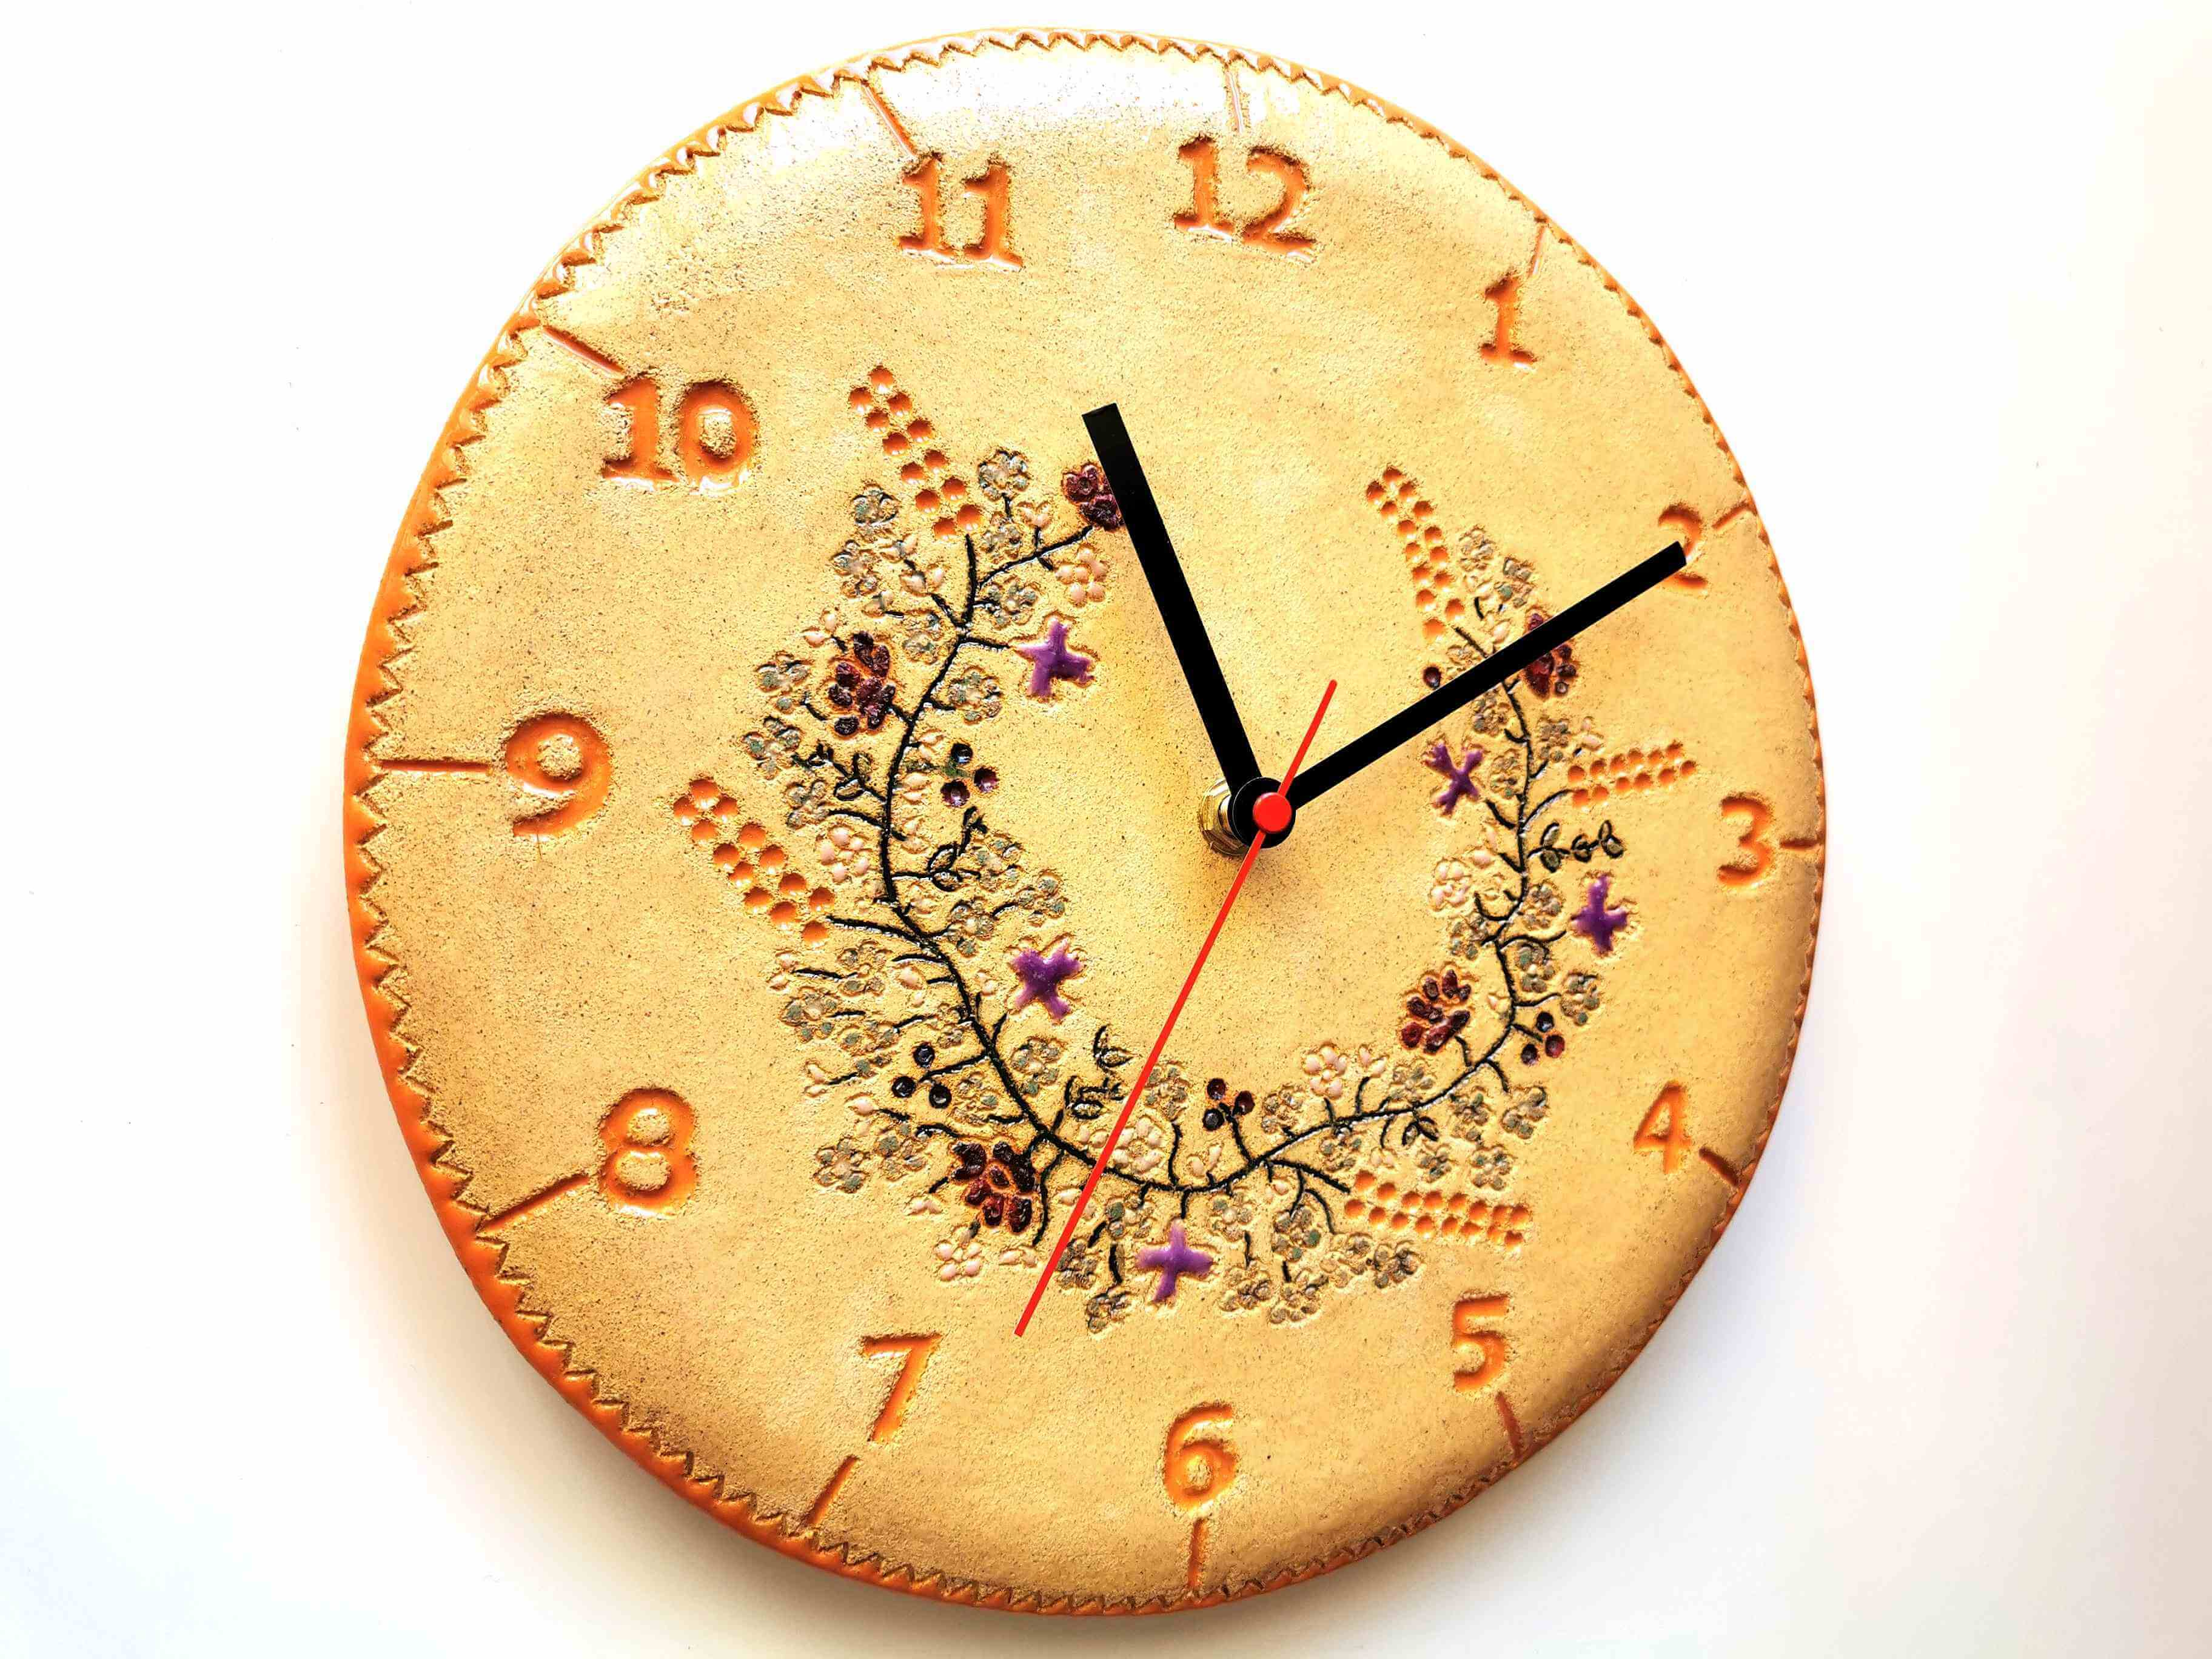 Zegar wianek zbóż i kwiatów